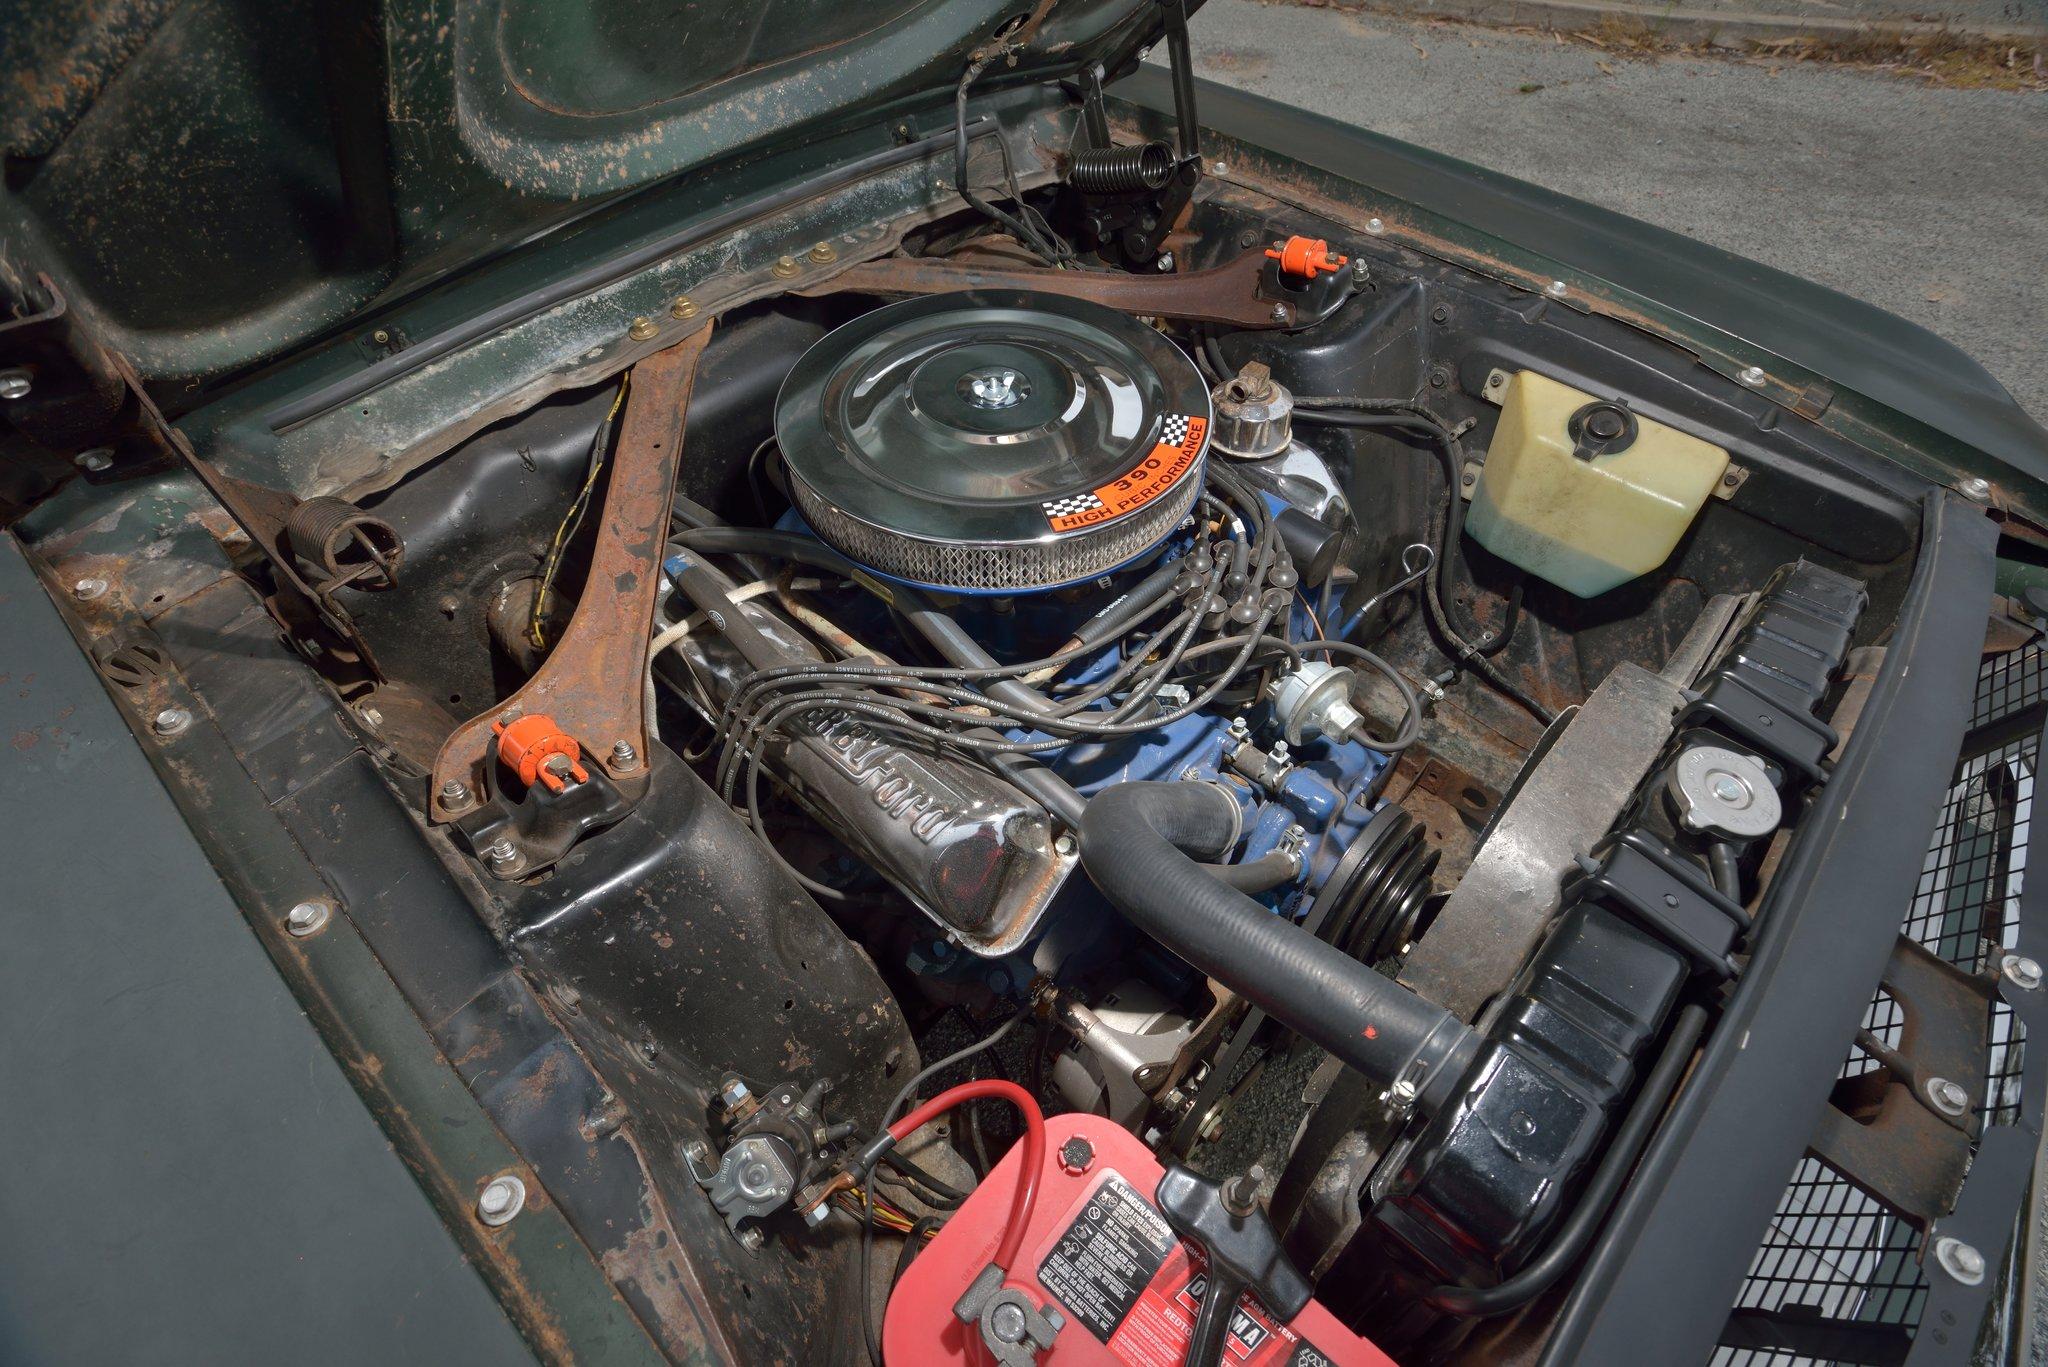 1968 Bullitt Mustang Engine